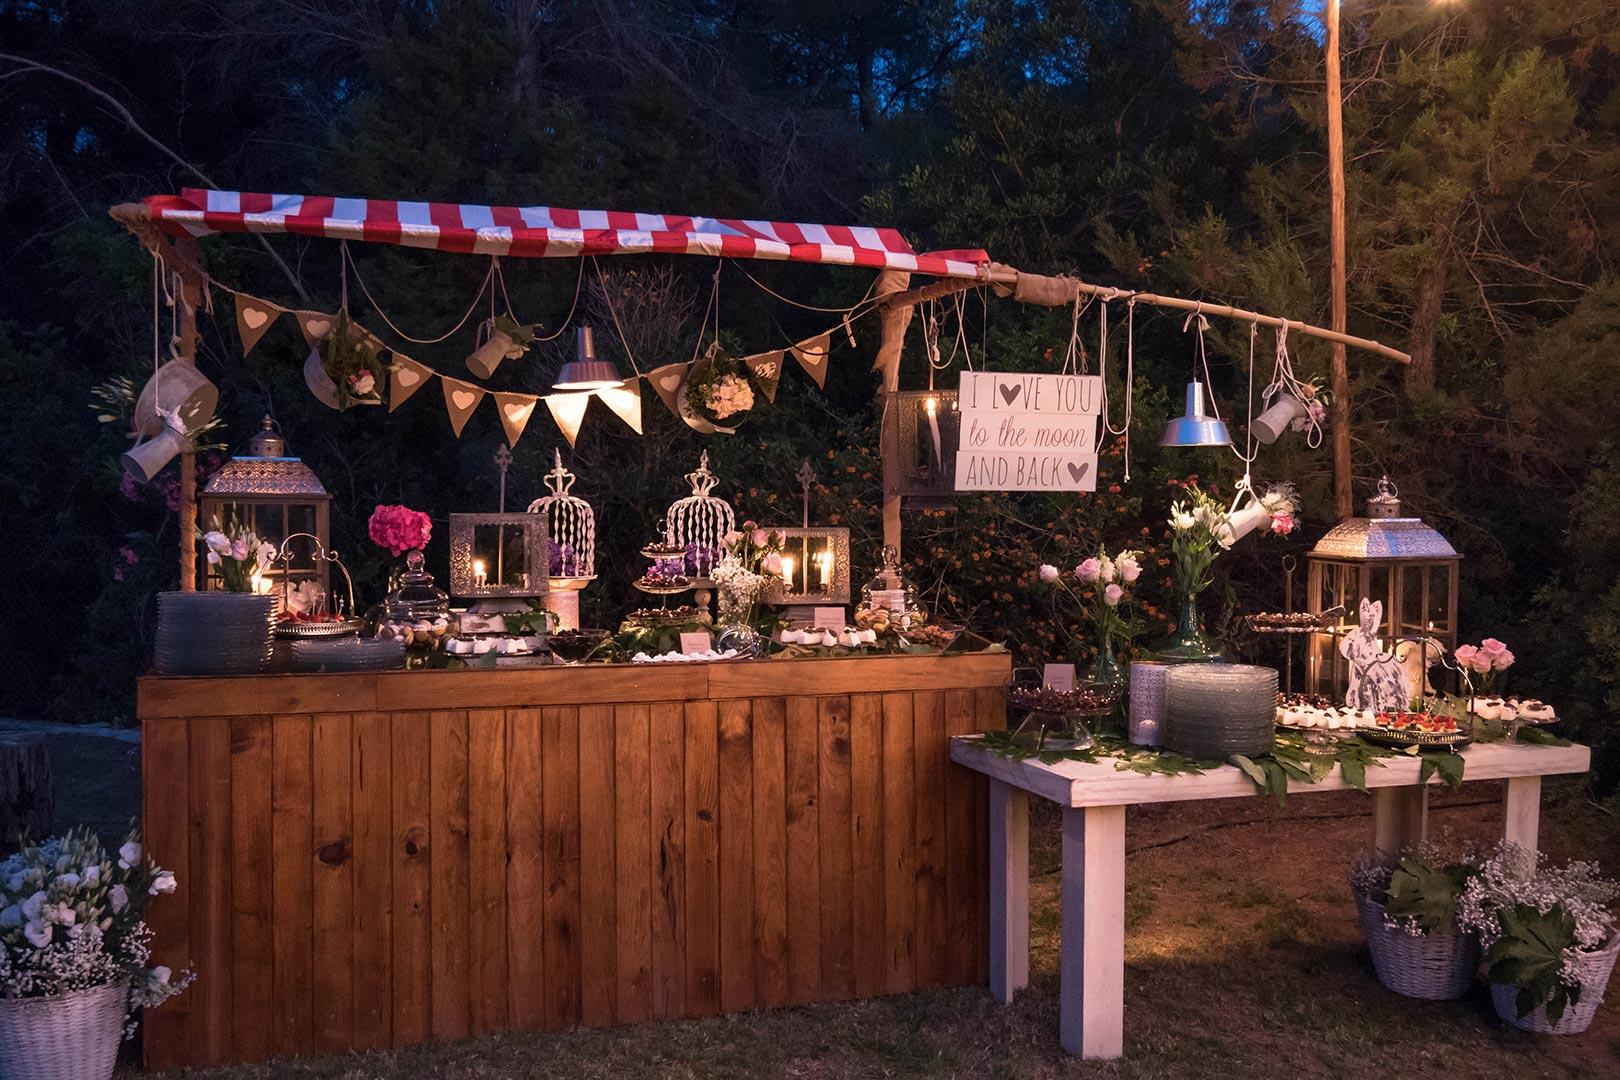 Sa Brisa Gastro Bar & Catering y Can Lluc se unen para dar vida al primer evento benéfico de alta cocina ibicenca de la isla